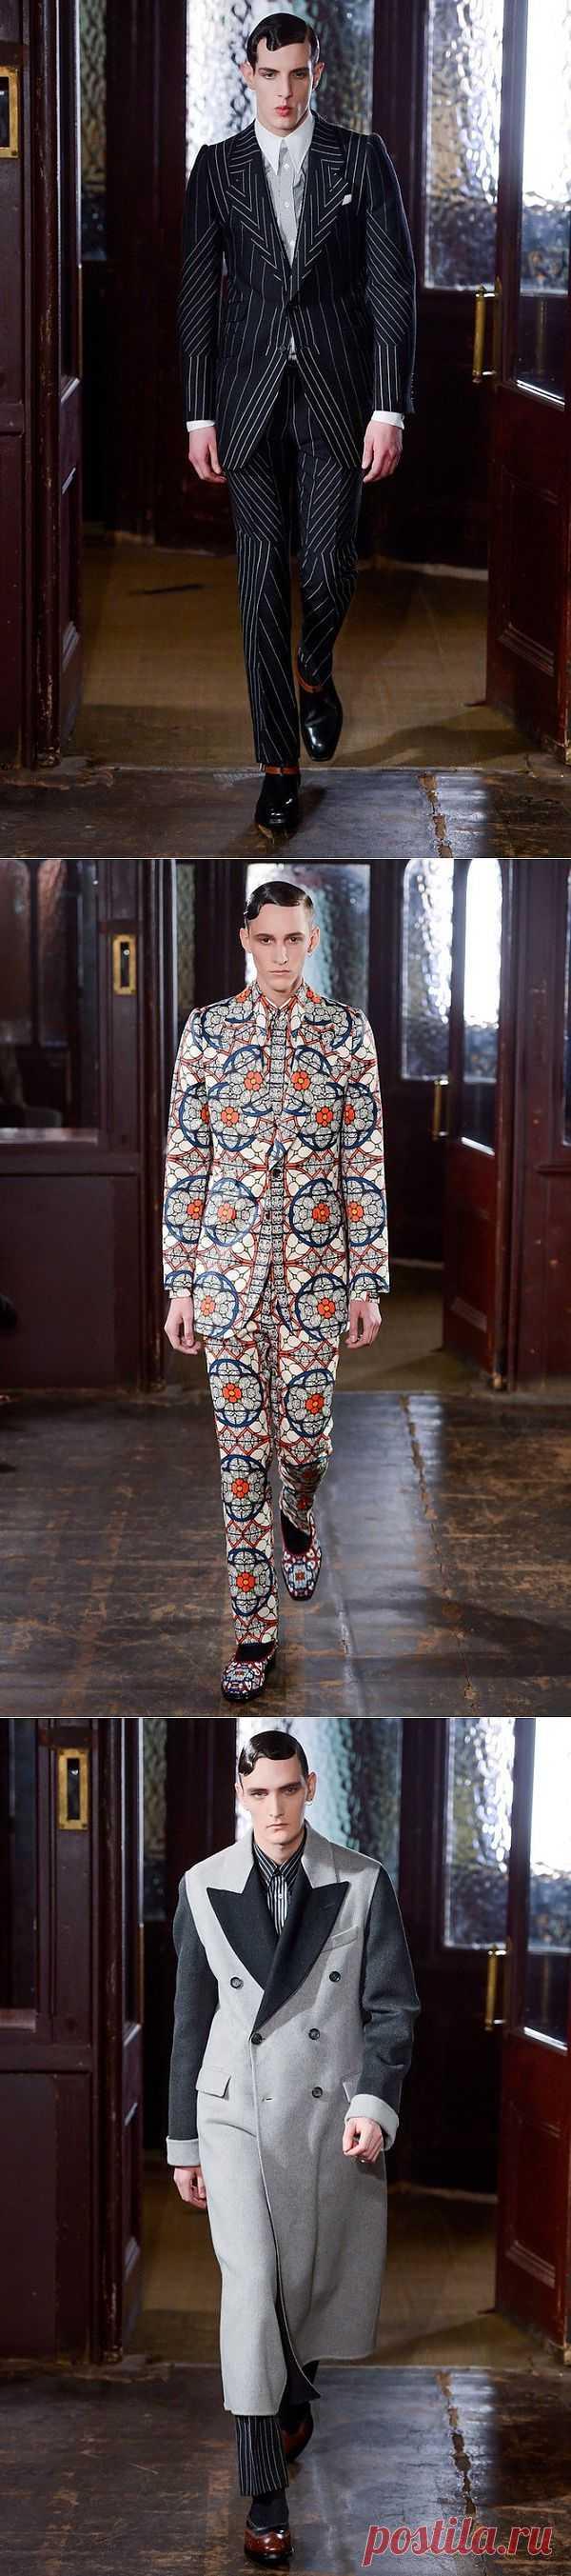 Творческие джентльмены / Мужские костюмы / Модный сайт о стильной переделке одежды и интерьера